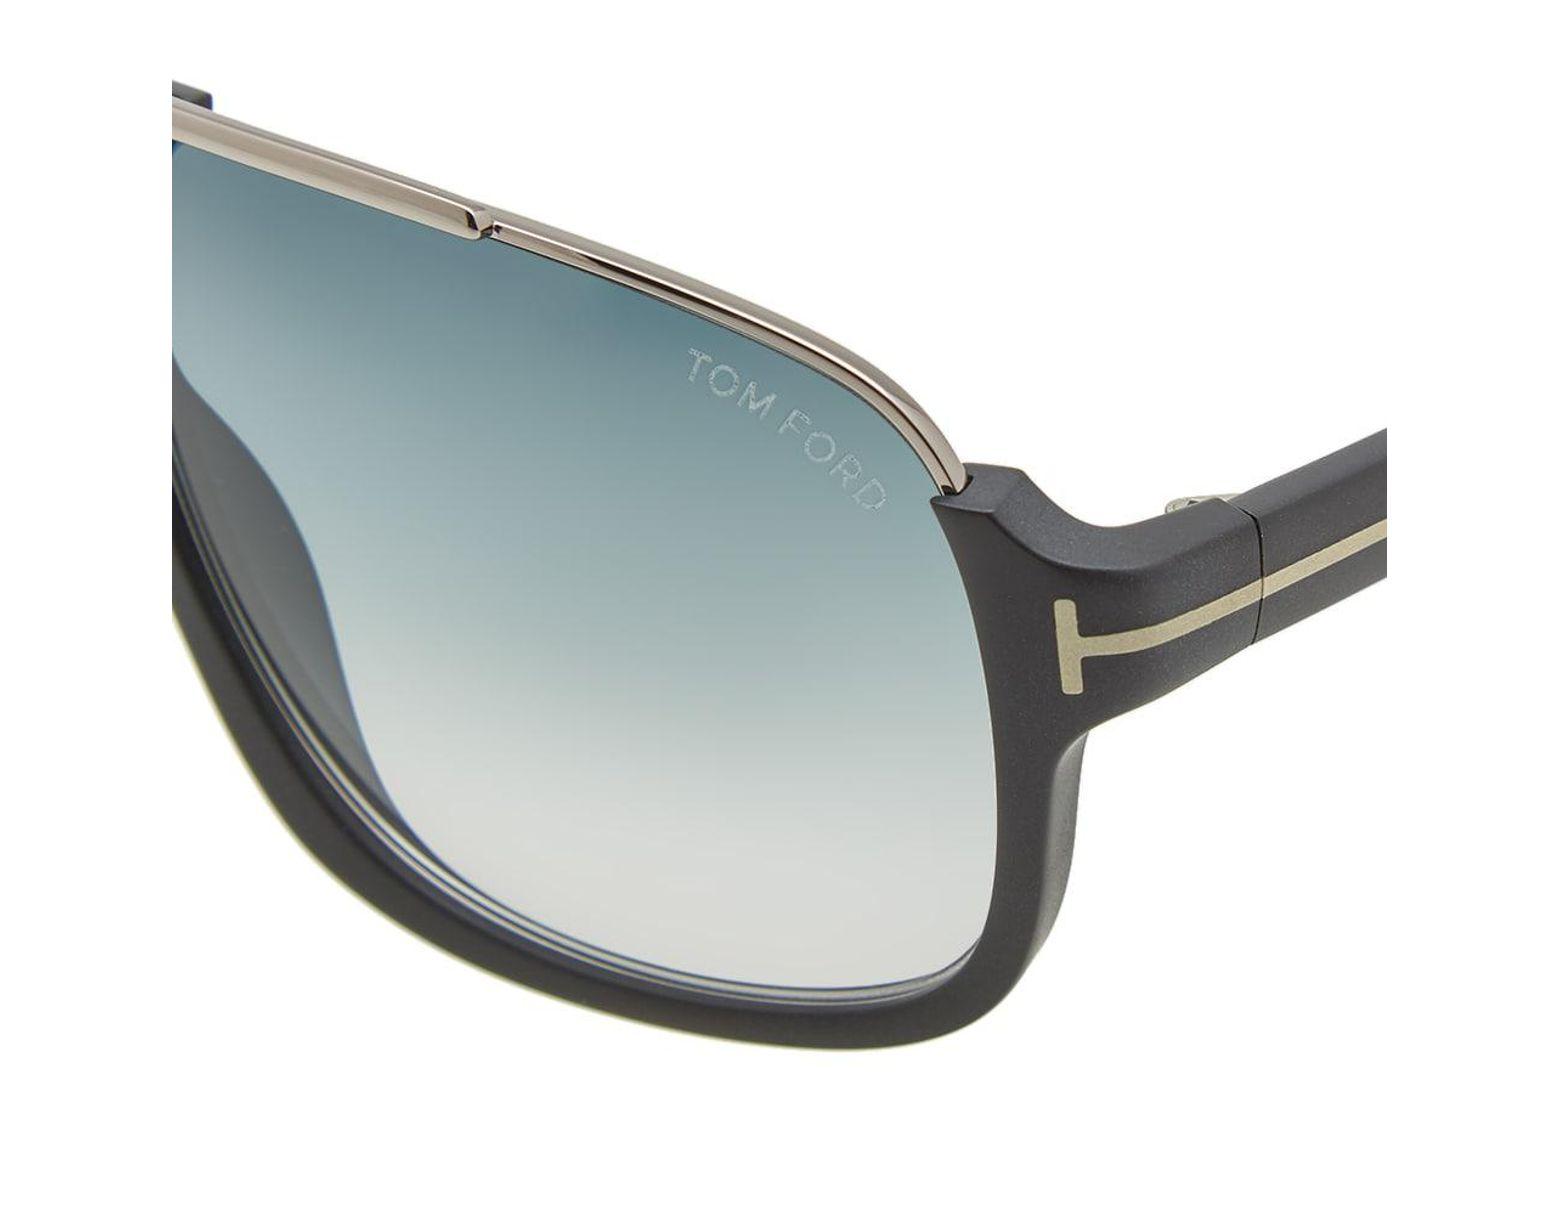 af4e43a220 Tom Ford Tom Ford Ft0335 Elliot Sunglasses in Black for Men - Lyst